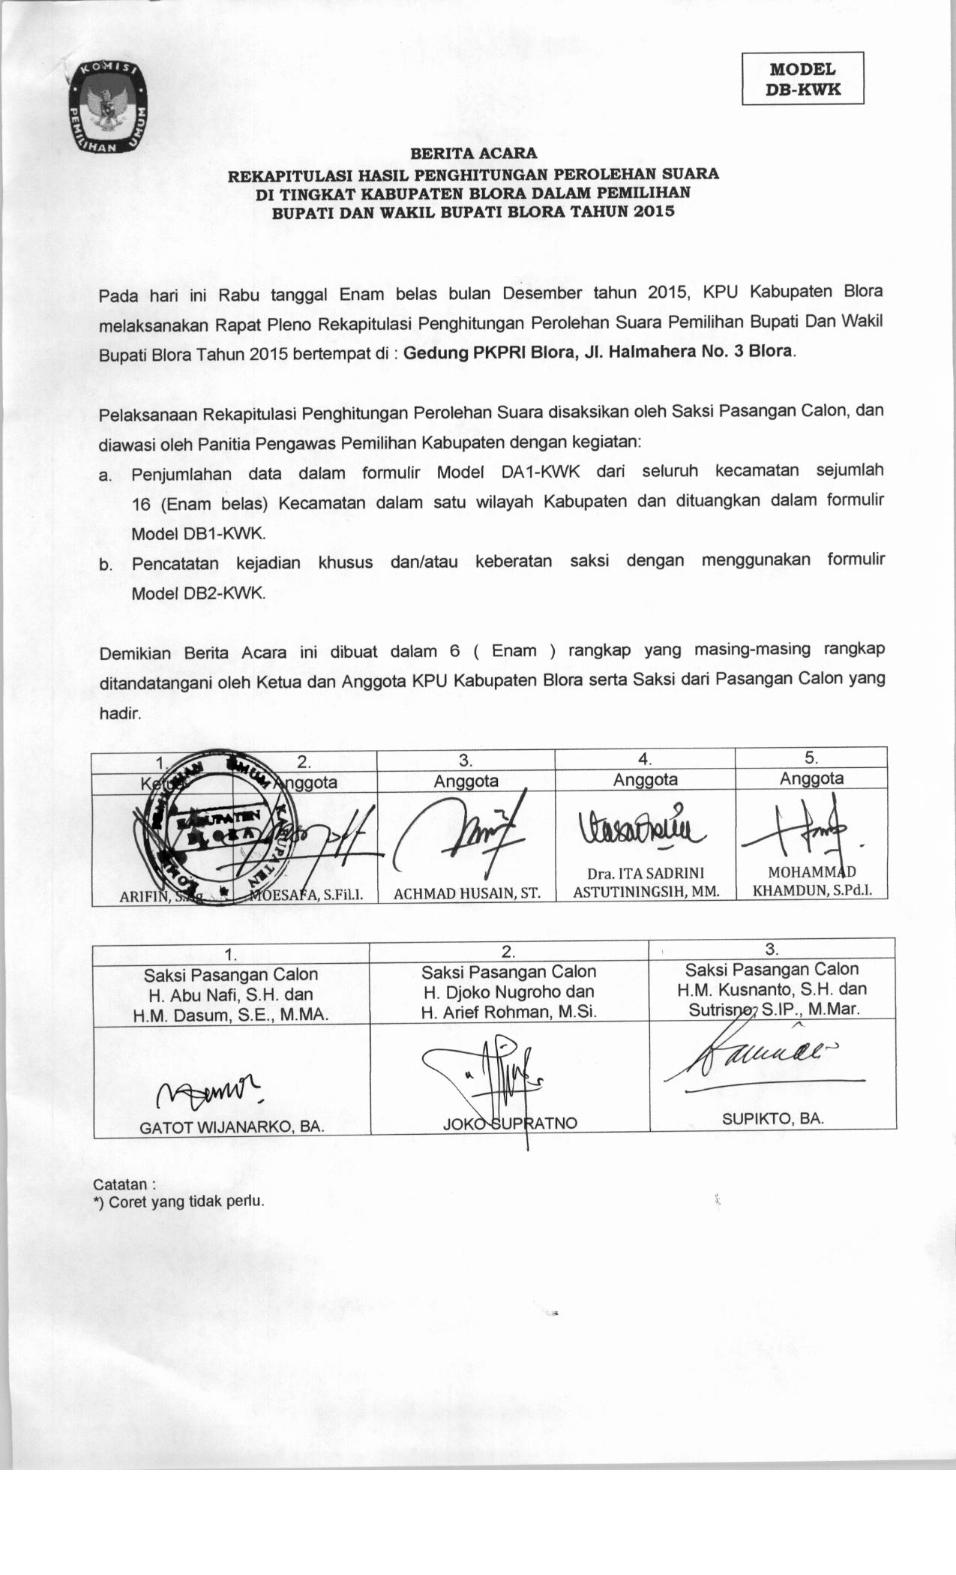 Panitia Pengawas Pemilihan Kabupaten Blora Desember 2015